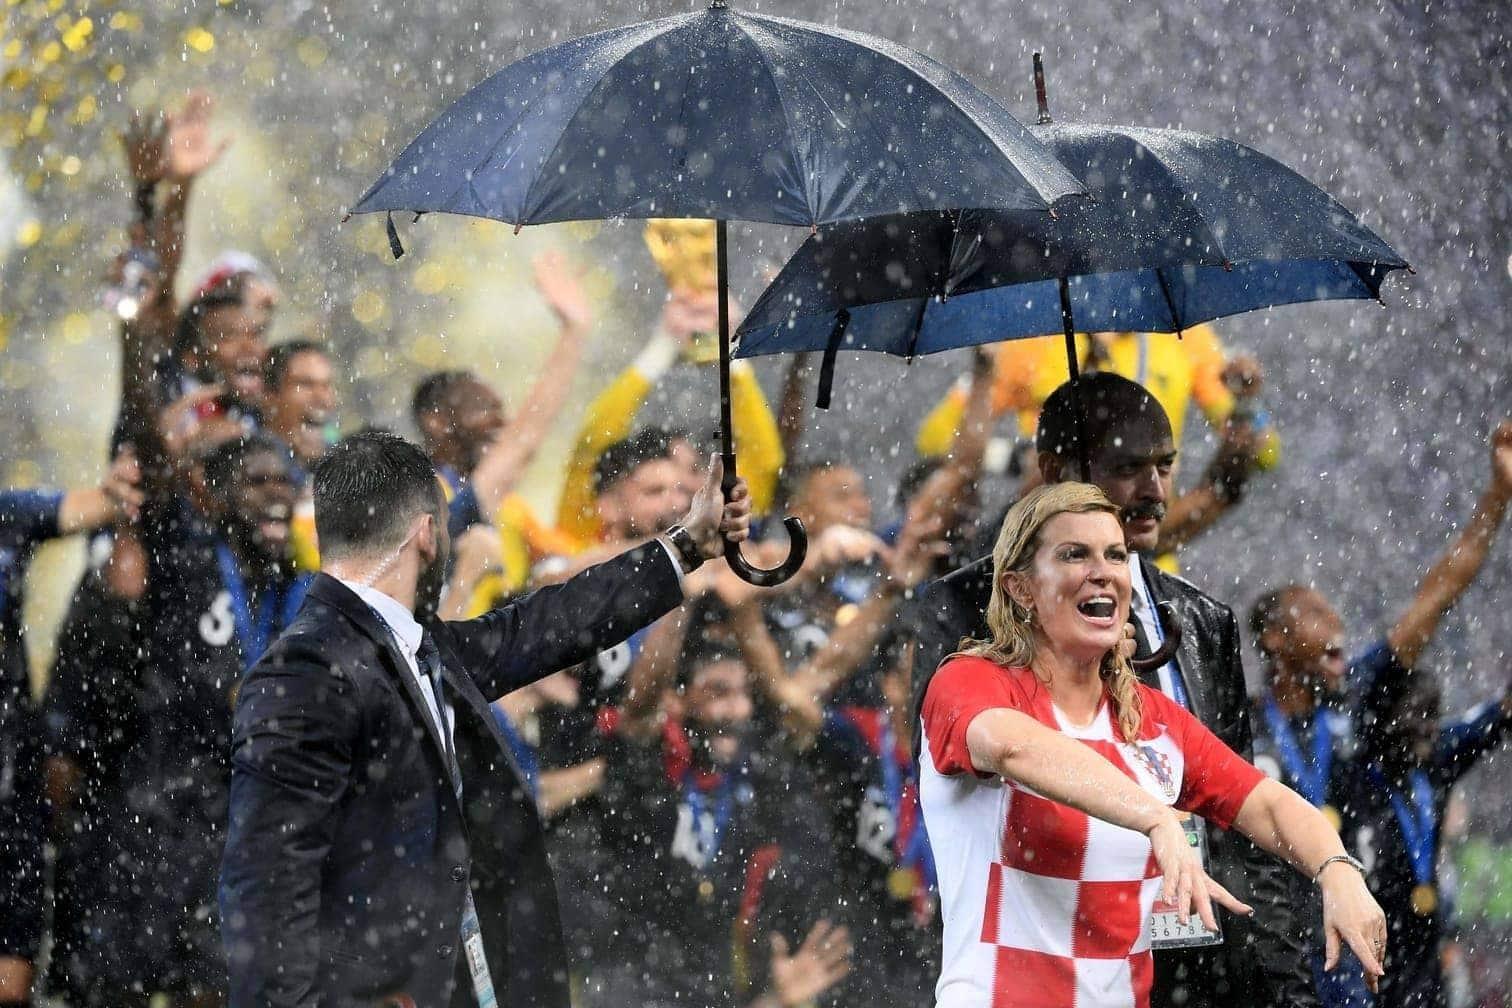 <p>Das Luschniki-Stadion war am Sonntagabend mit einigen Staats- und Regierungschefs gefüllt. Eine stahl beim WM-Finale zwischen Frankreich und Kroatien (4:2) allen die Show: Die charmante kroatische Staatspräsidentin Kolinda Grabar-Kitarovic.</p> Foto: AFP